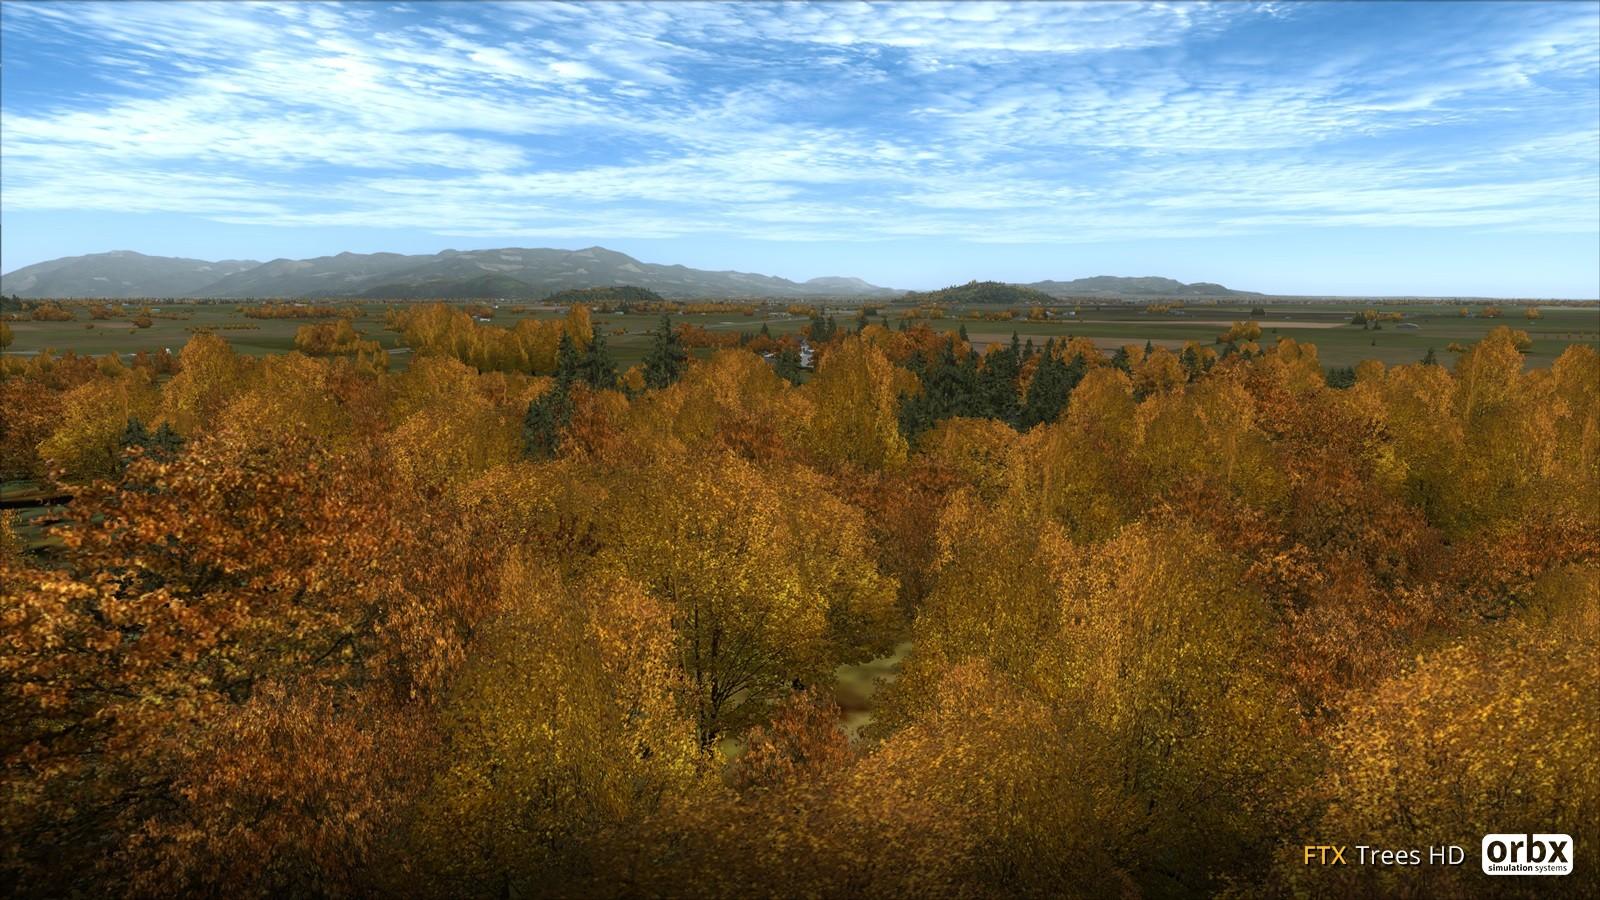 Global Trees HD